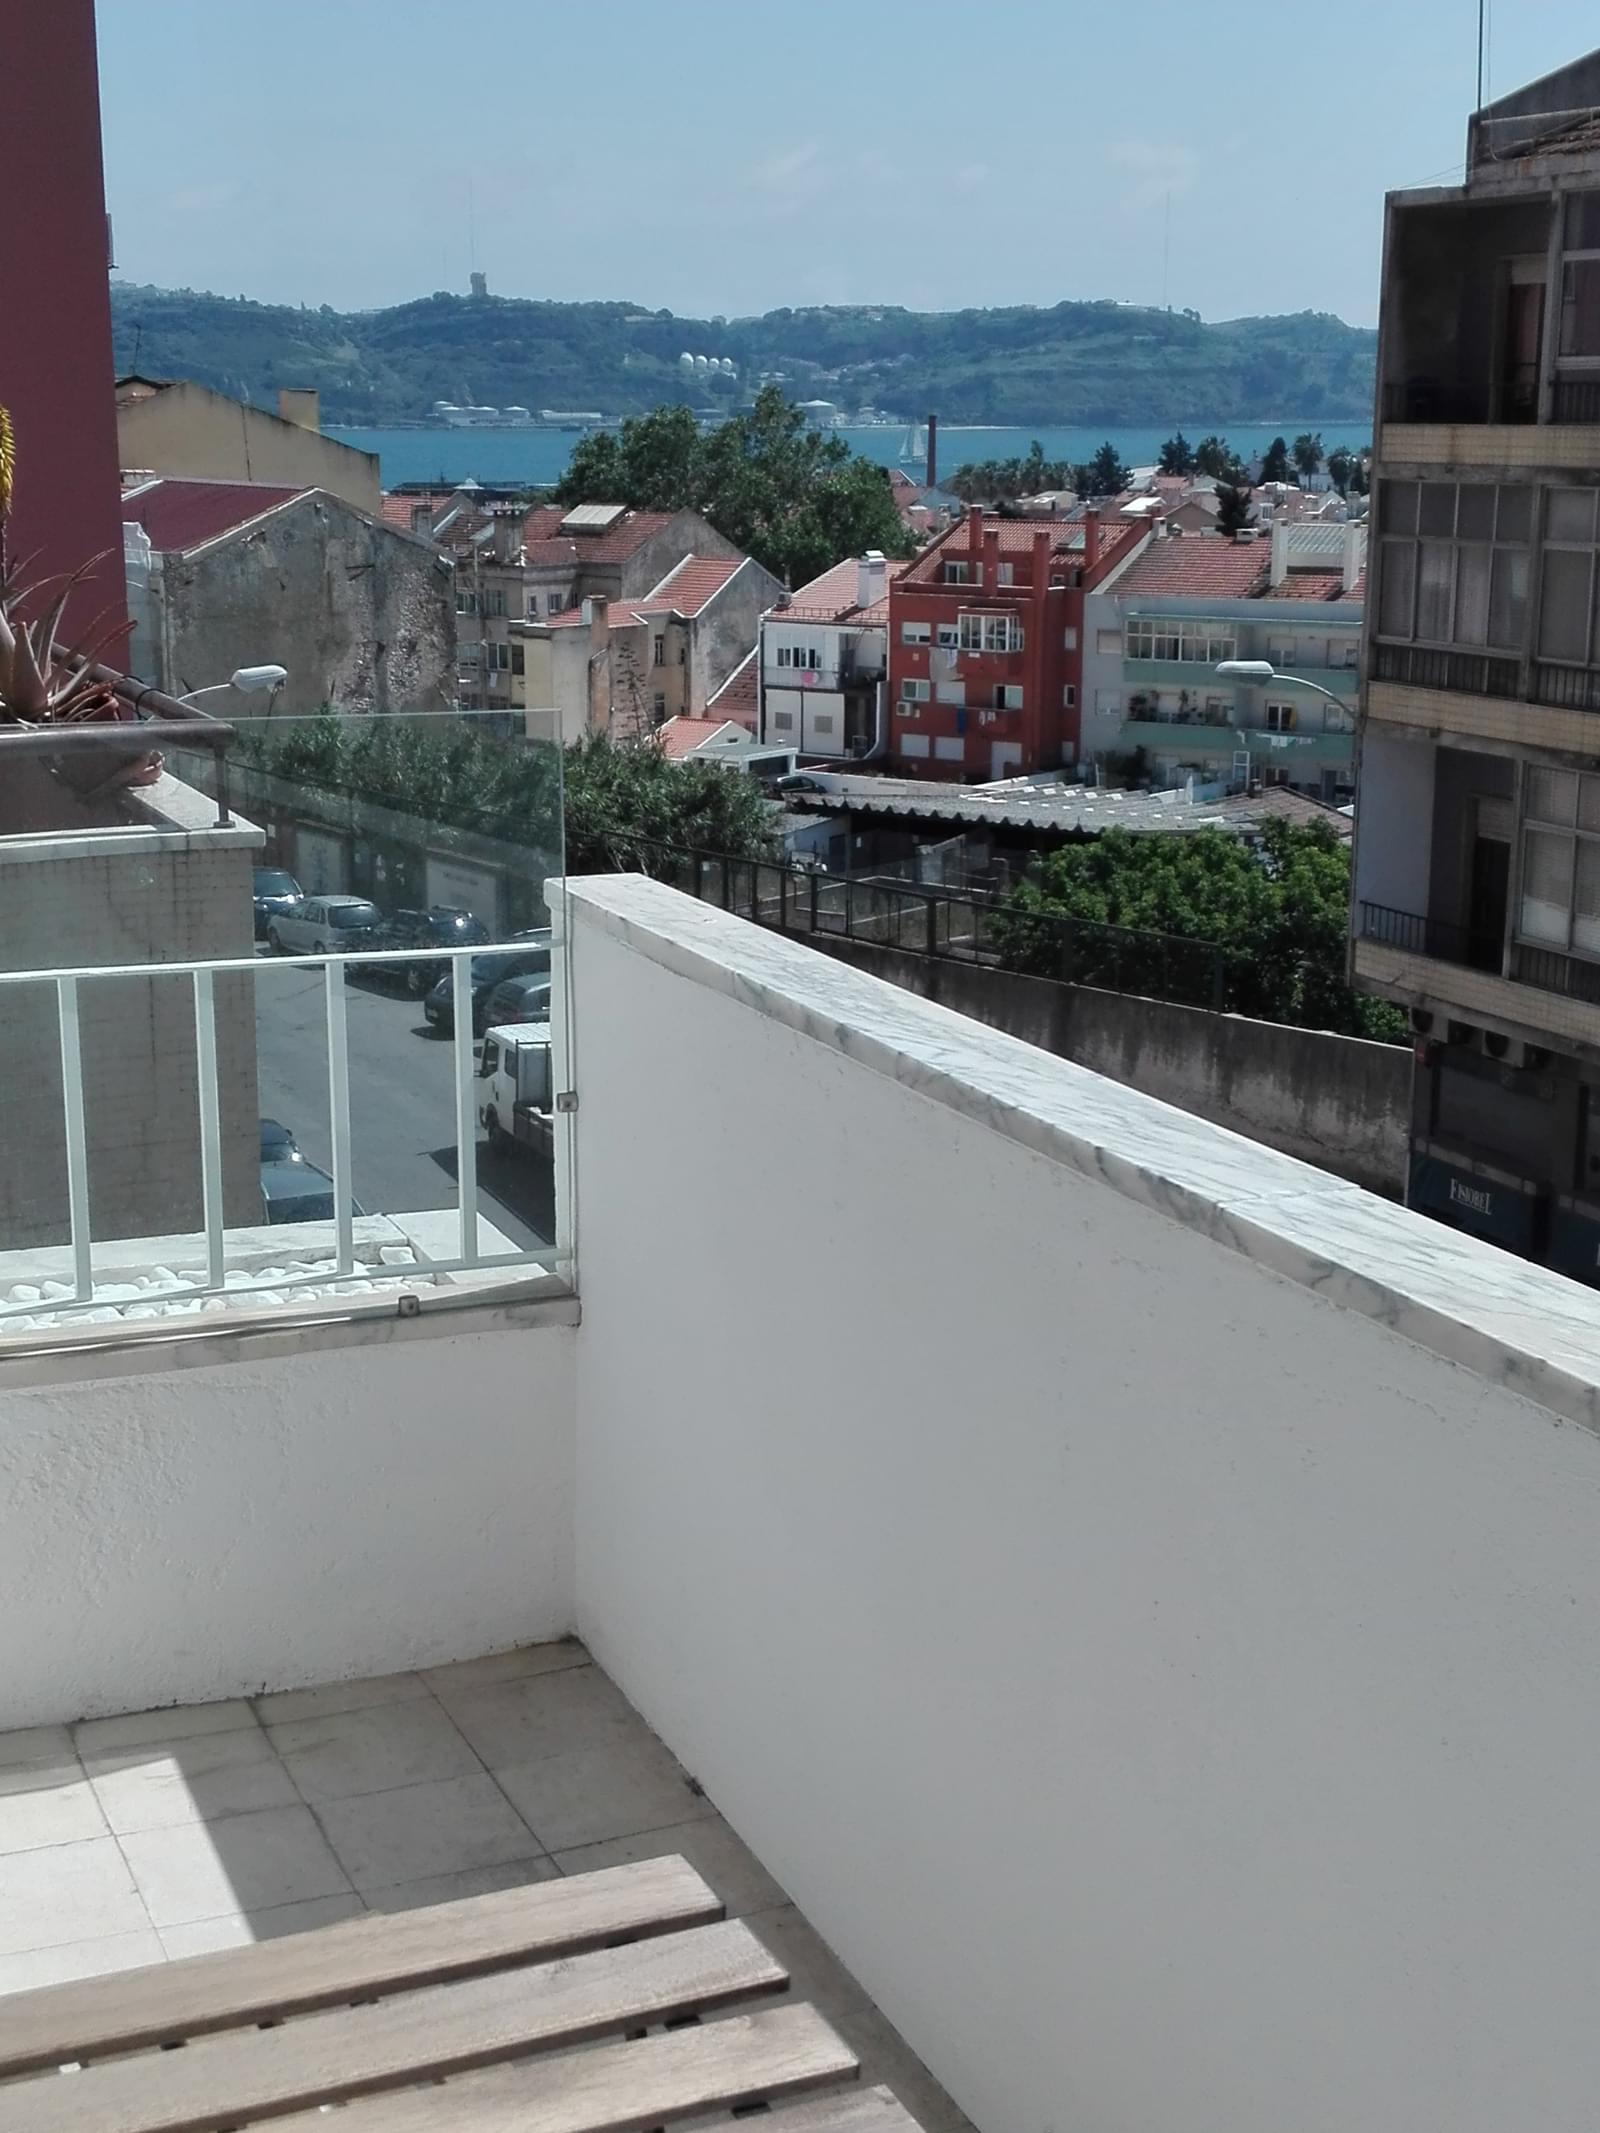 pf17256-apartamento-t2-lisboa-3ccdbbb1-b334-4d2e-ad34-39d30ecca2d5